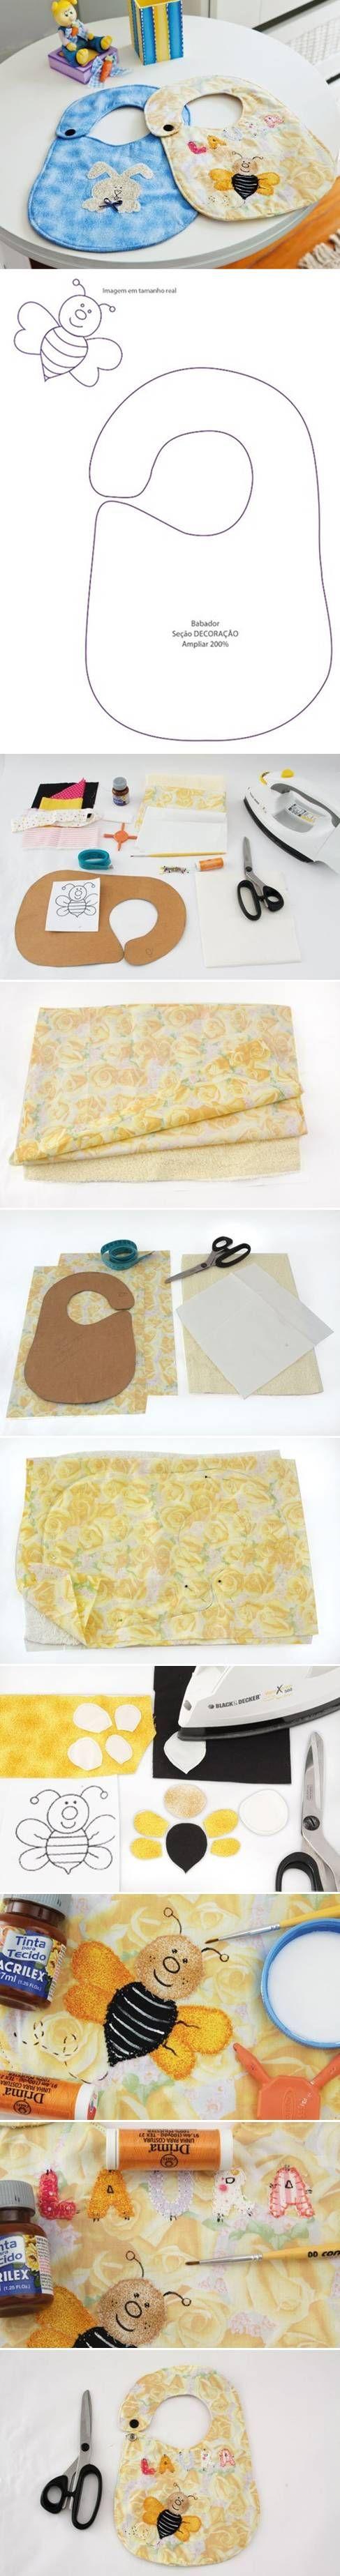 DIY Baby Bibs DIY Projects | UsefulDIY.com